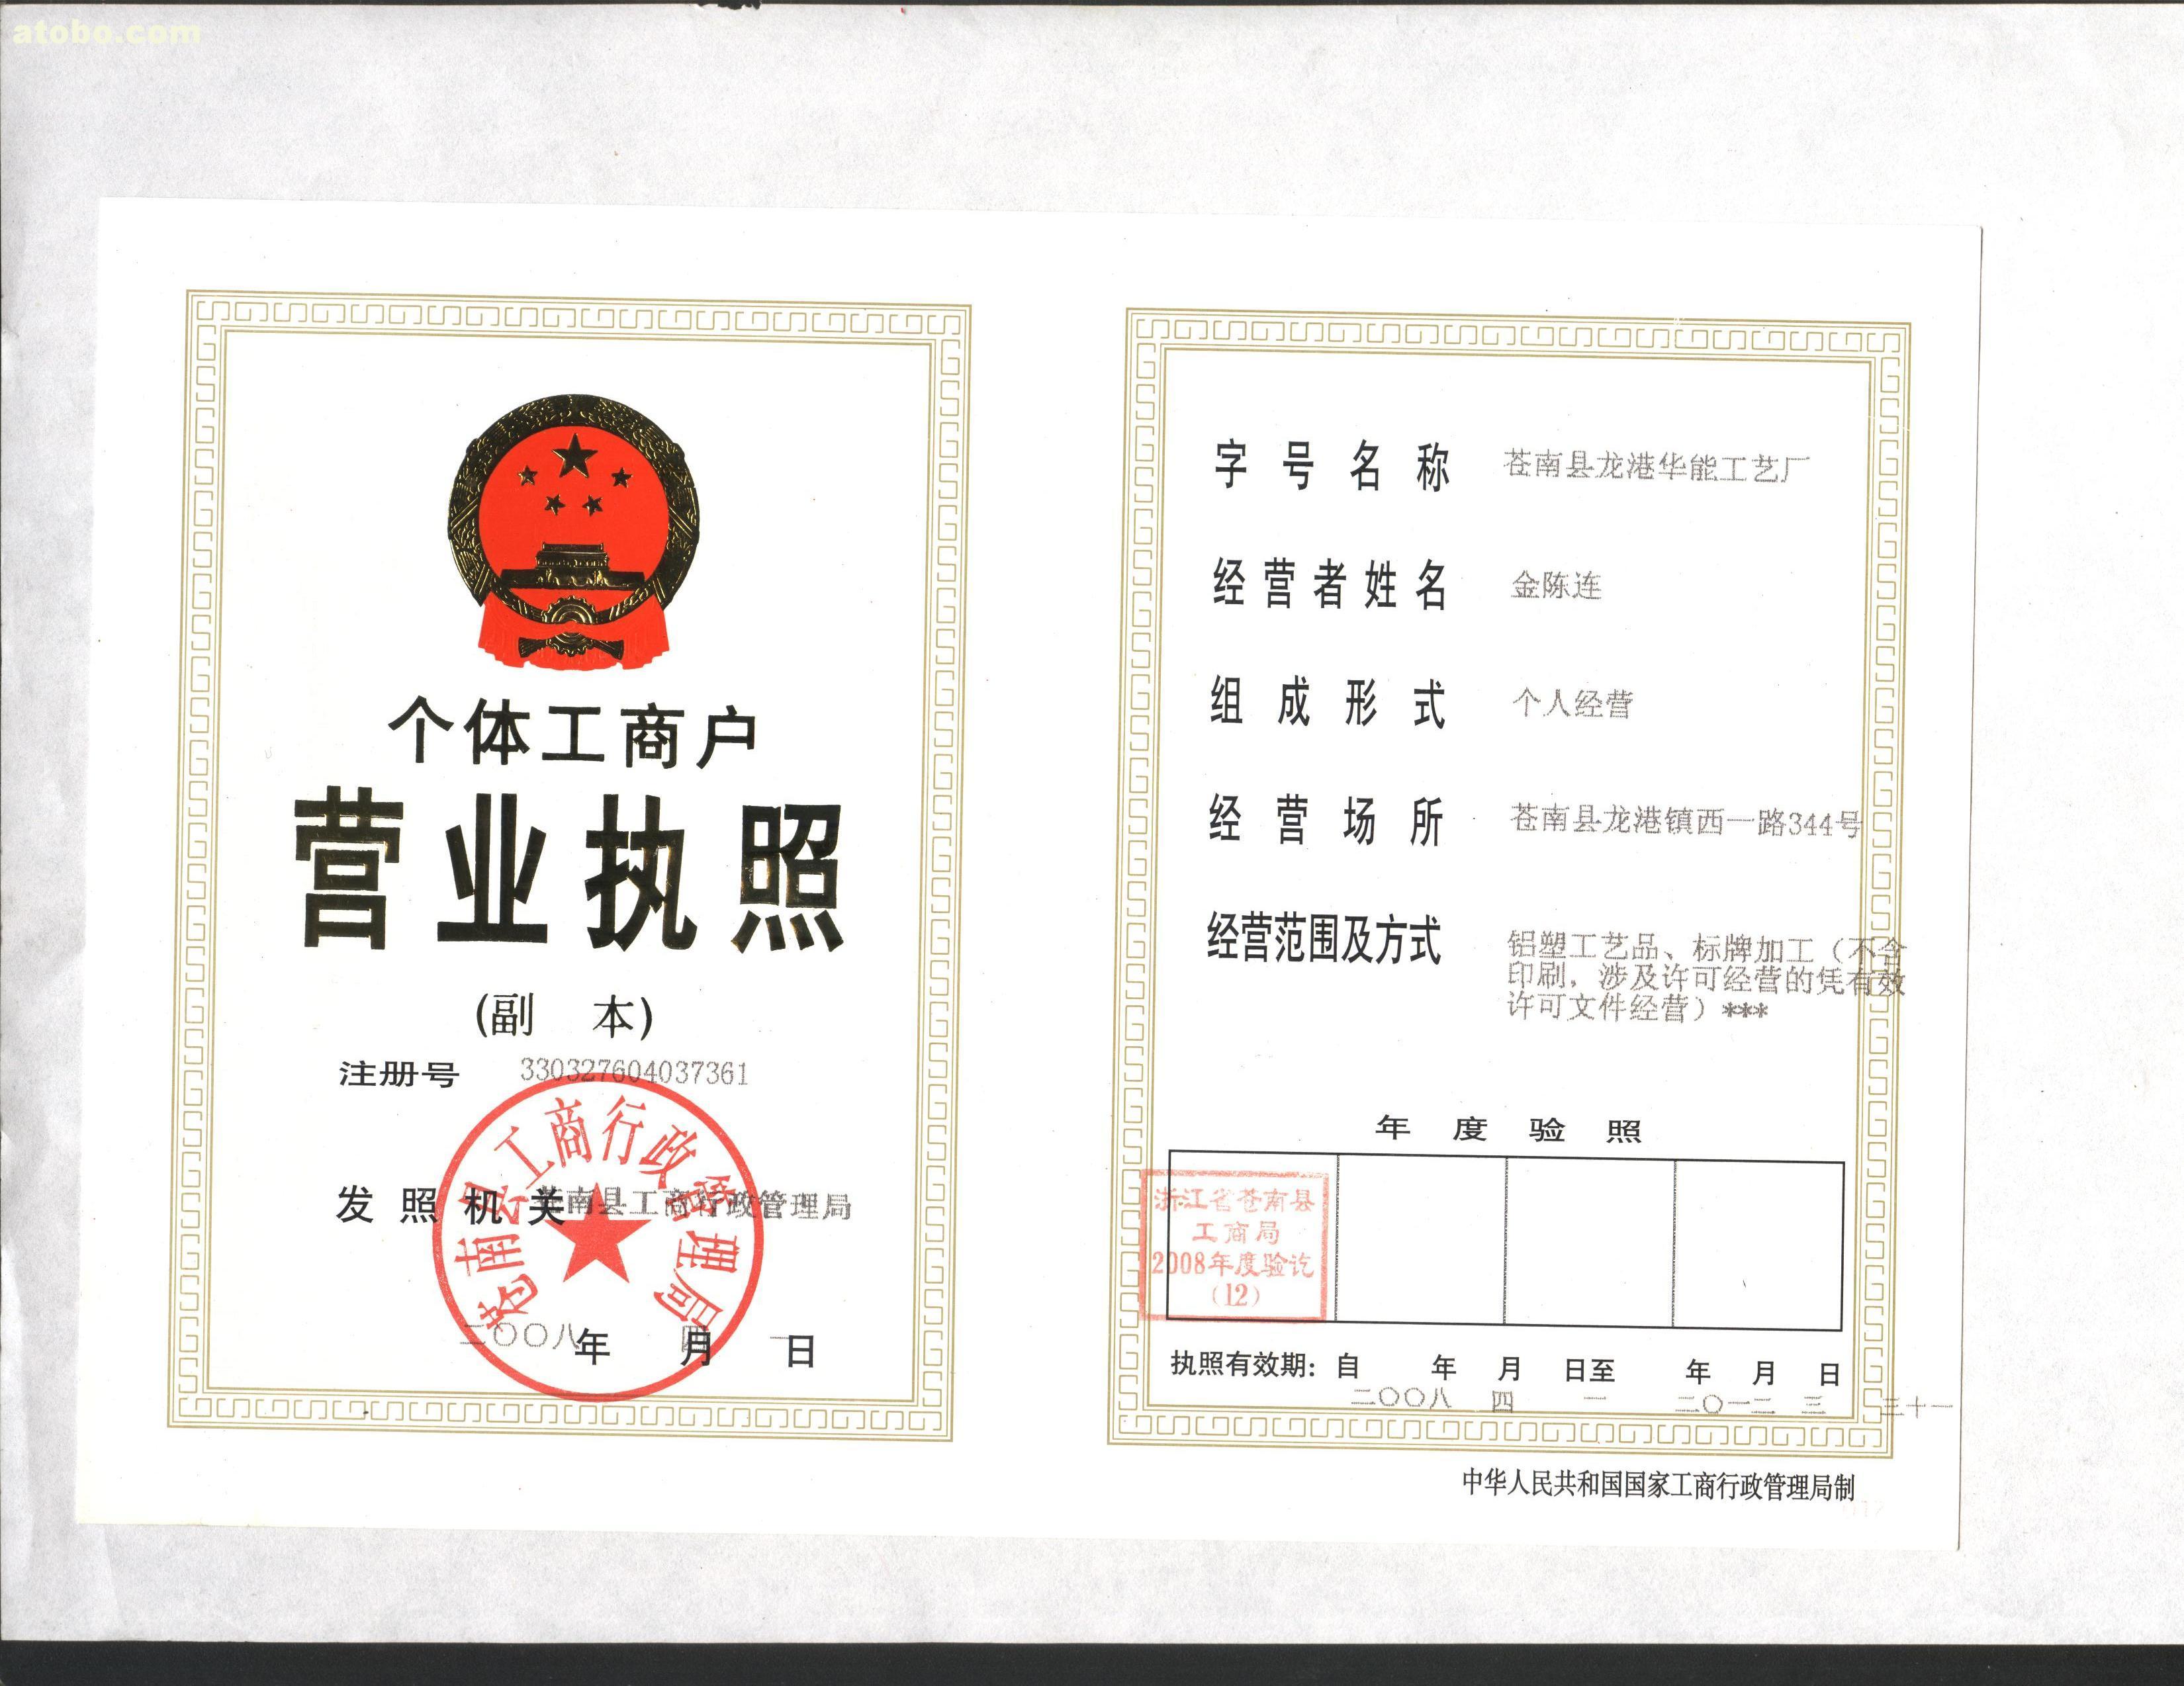 企业法人营业执照_苍南县龙港华能工艺厂